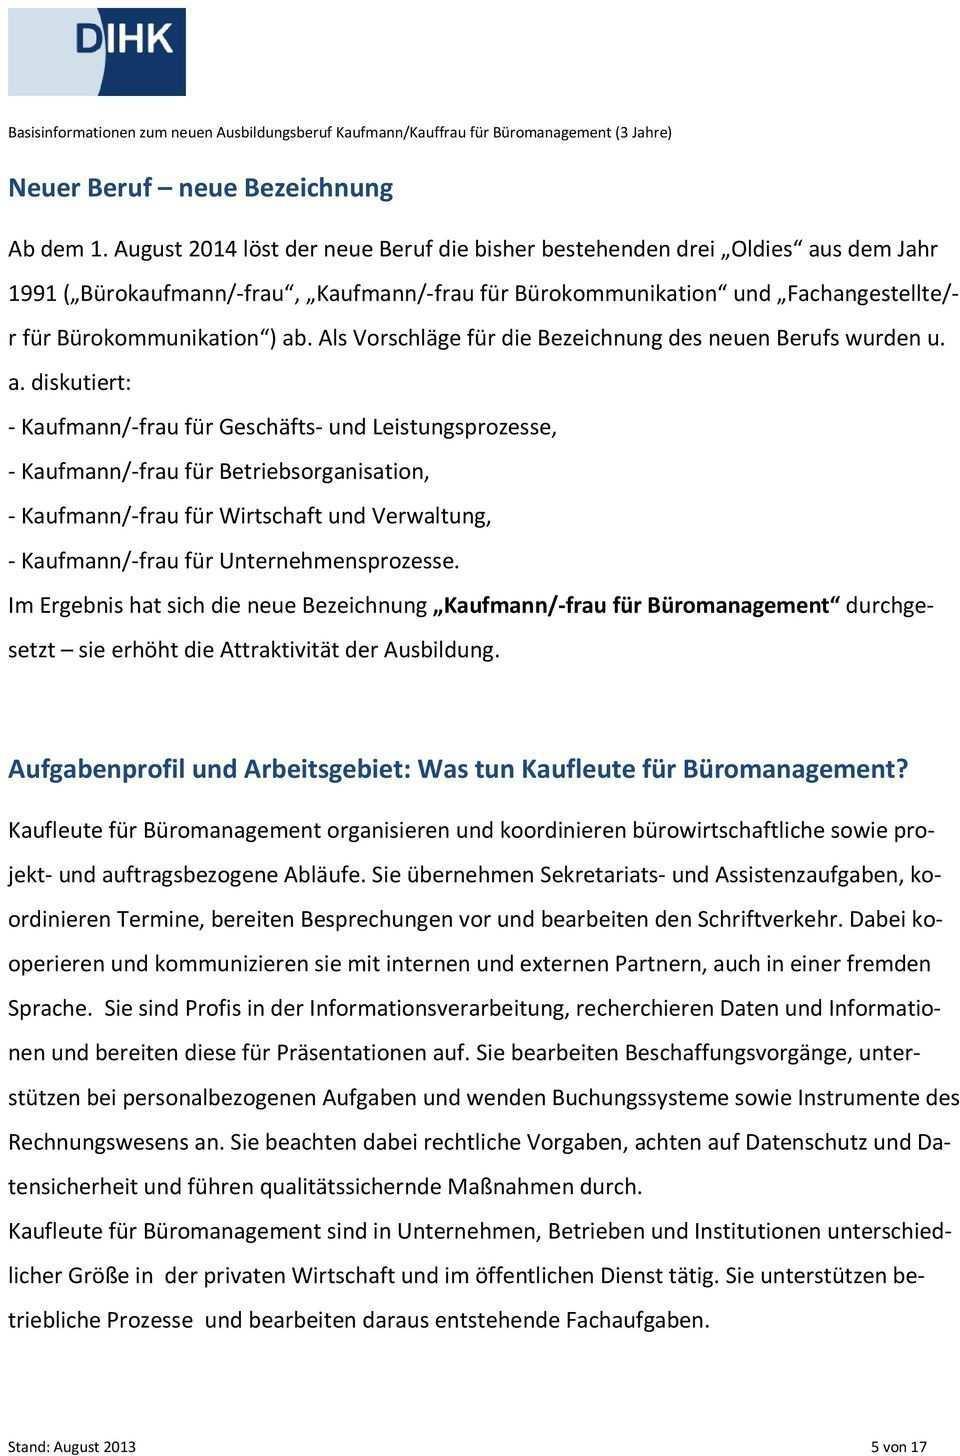 Kaufmann Kauffrau Fur Buromanagement Pdf Kostenfreier Download